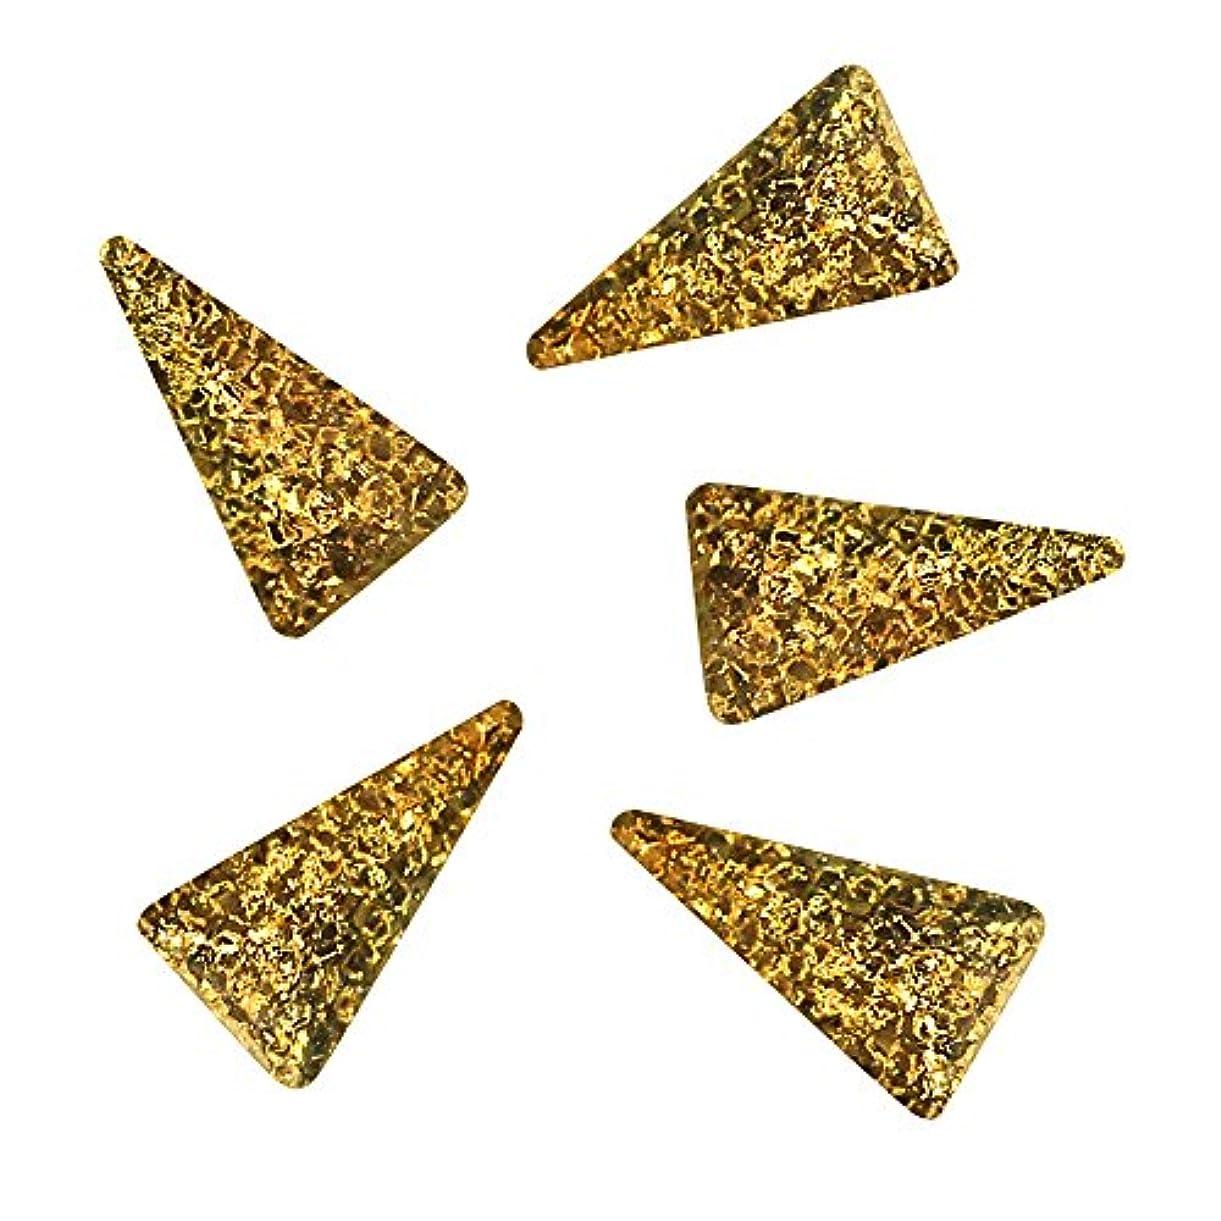 カウボーイ電気の犠牲Bonnail ラフスタッズゴールド ロングトライアングル3×2mm